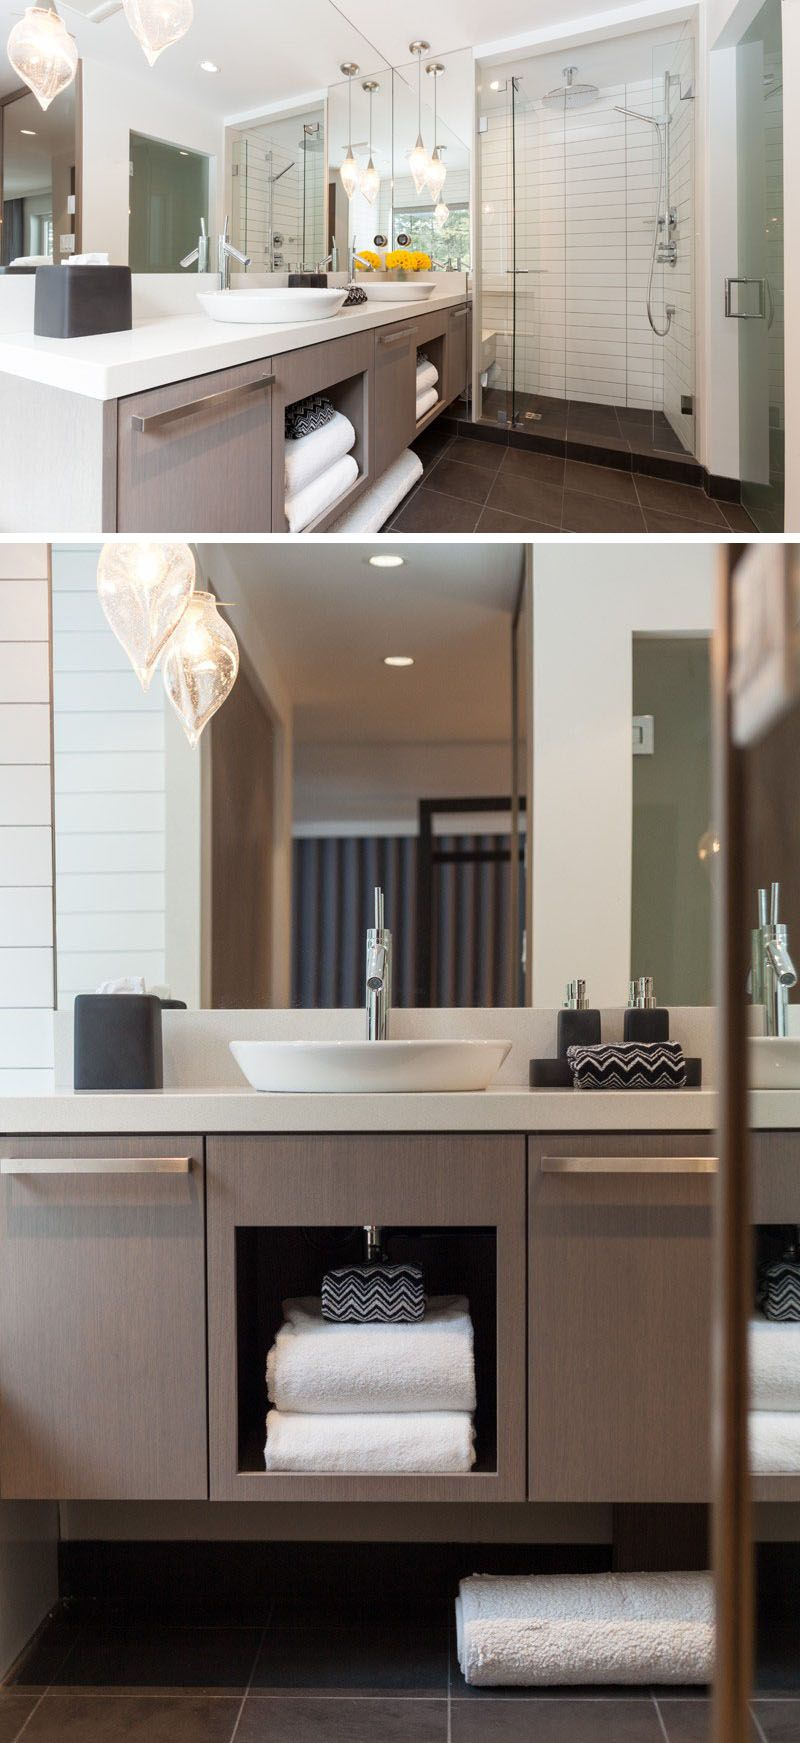 15 Examples Of Bathroom Vanities That Have Open Shelving // Under ...